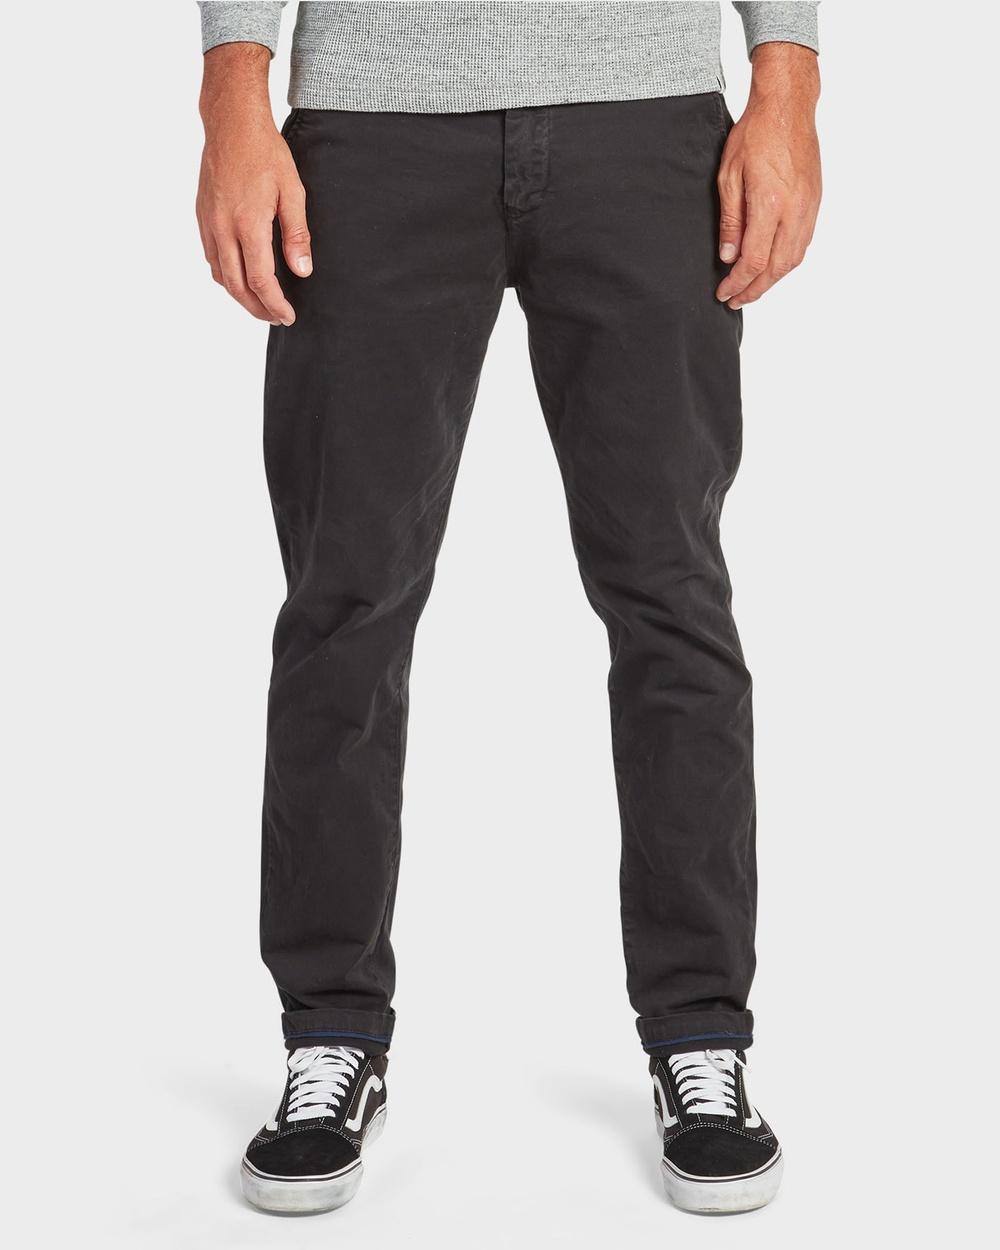 Academy Brand Cooper Slim Chino Pants Black